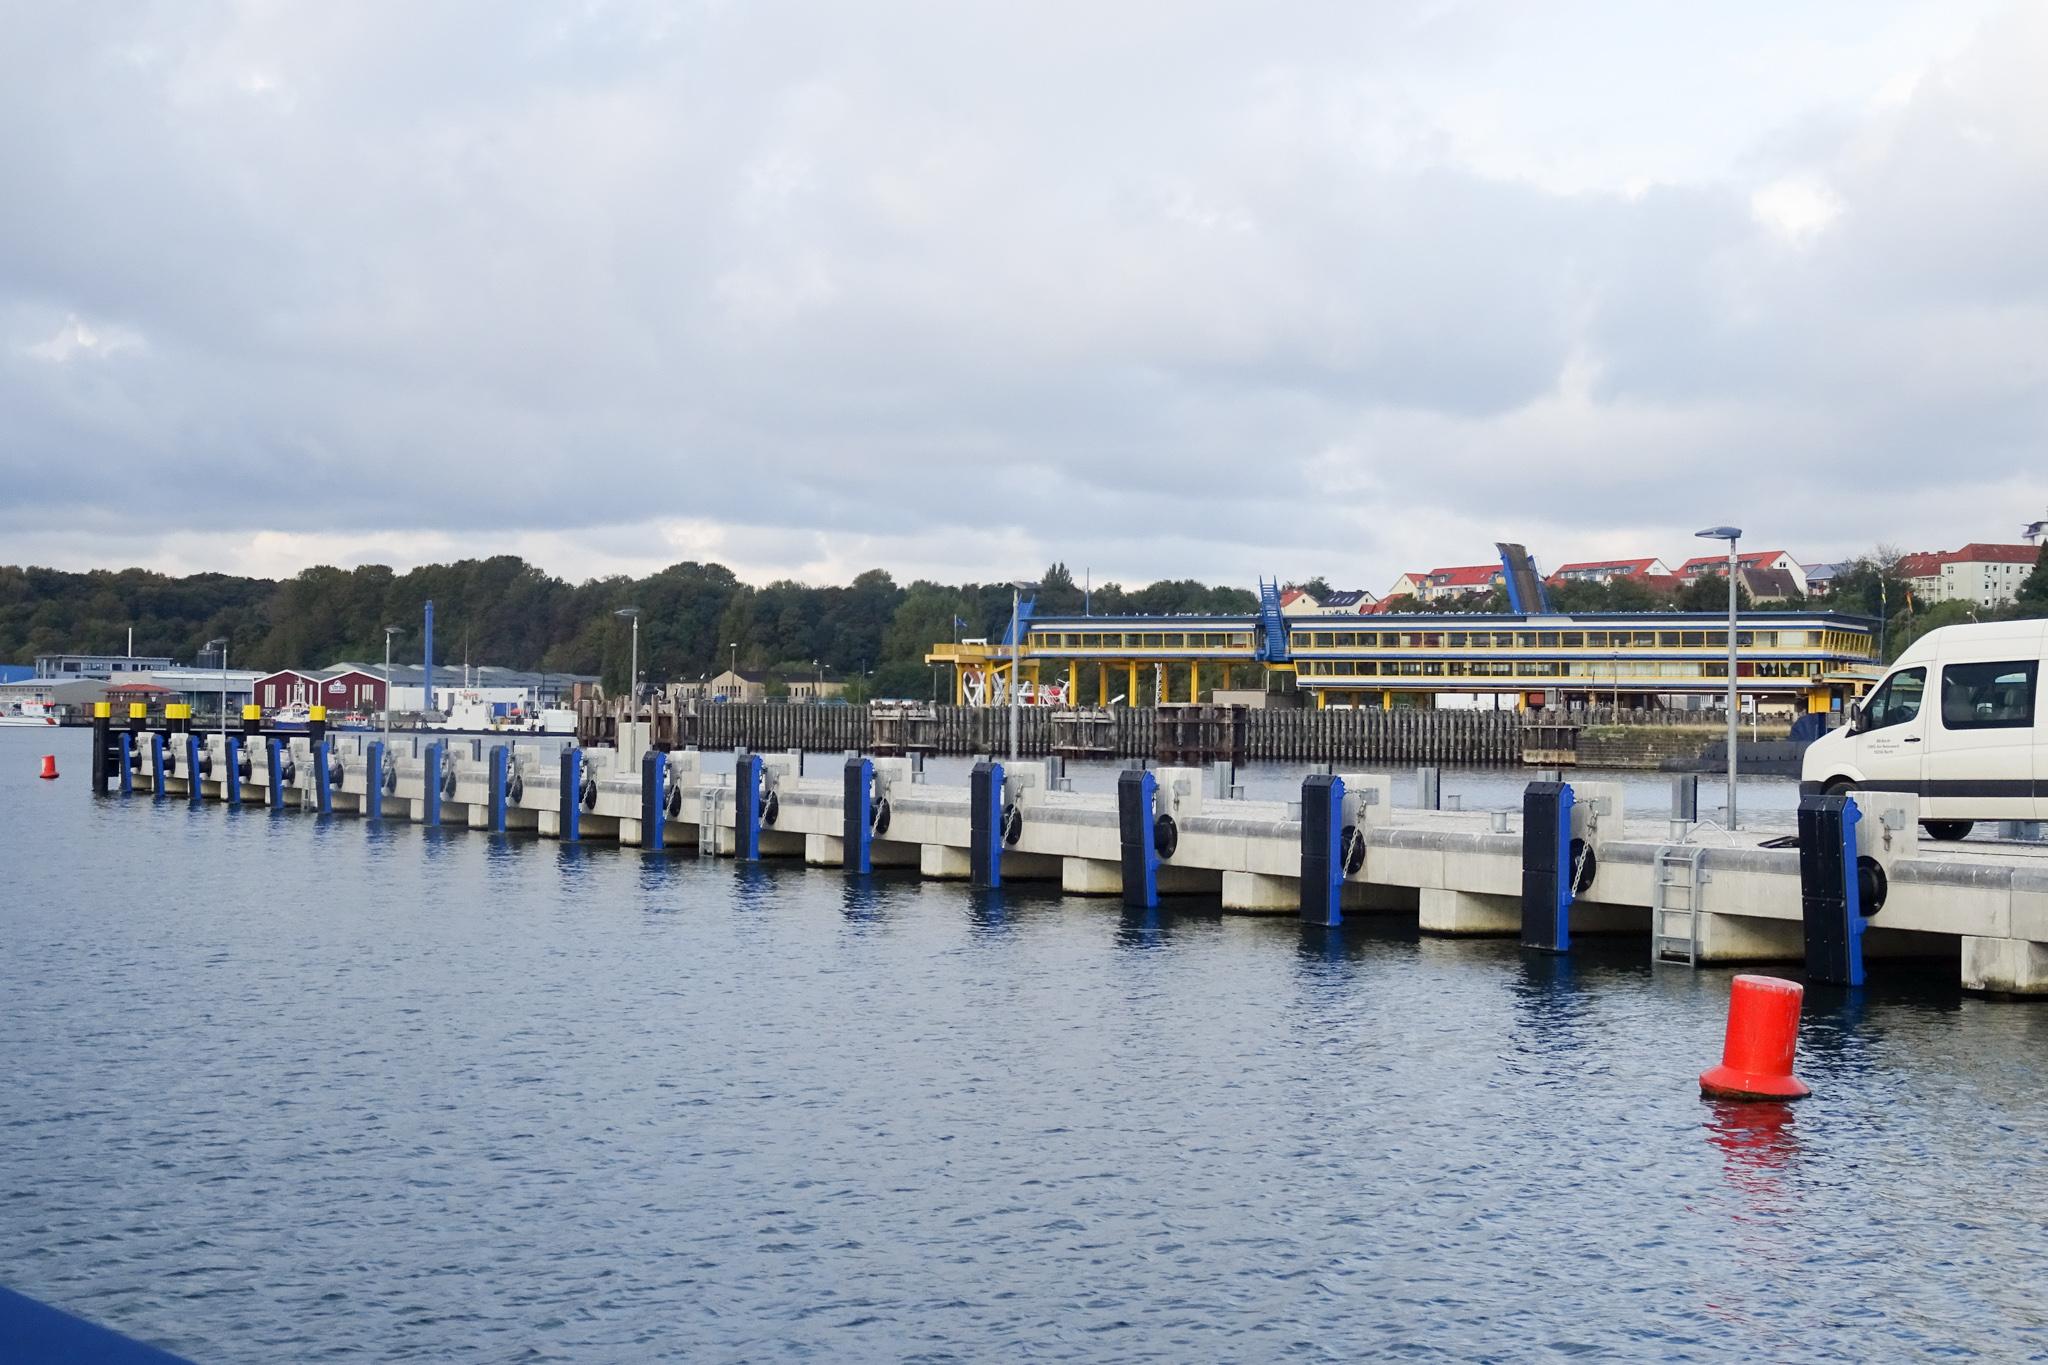 Das ist die unbeleuchtete Mole im Hafen von Sassnitz  ...